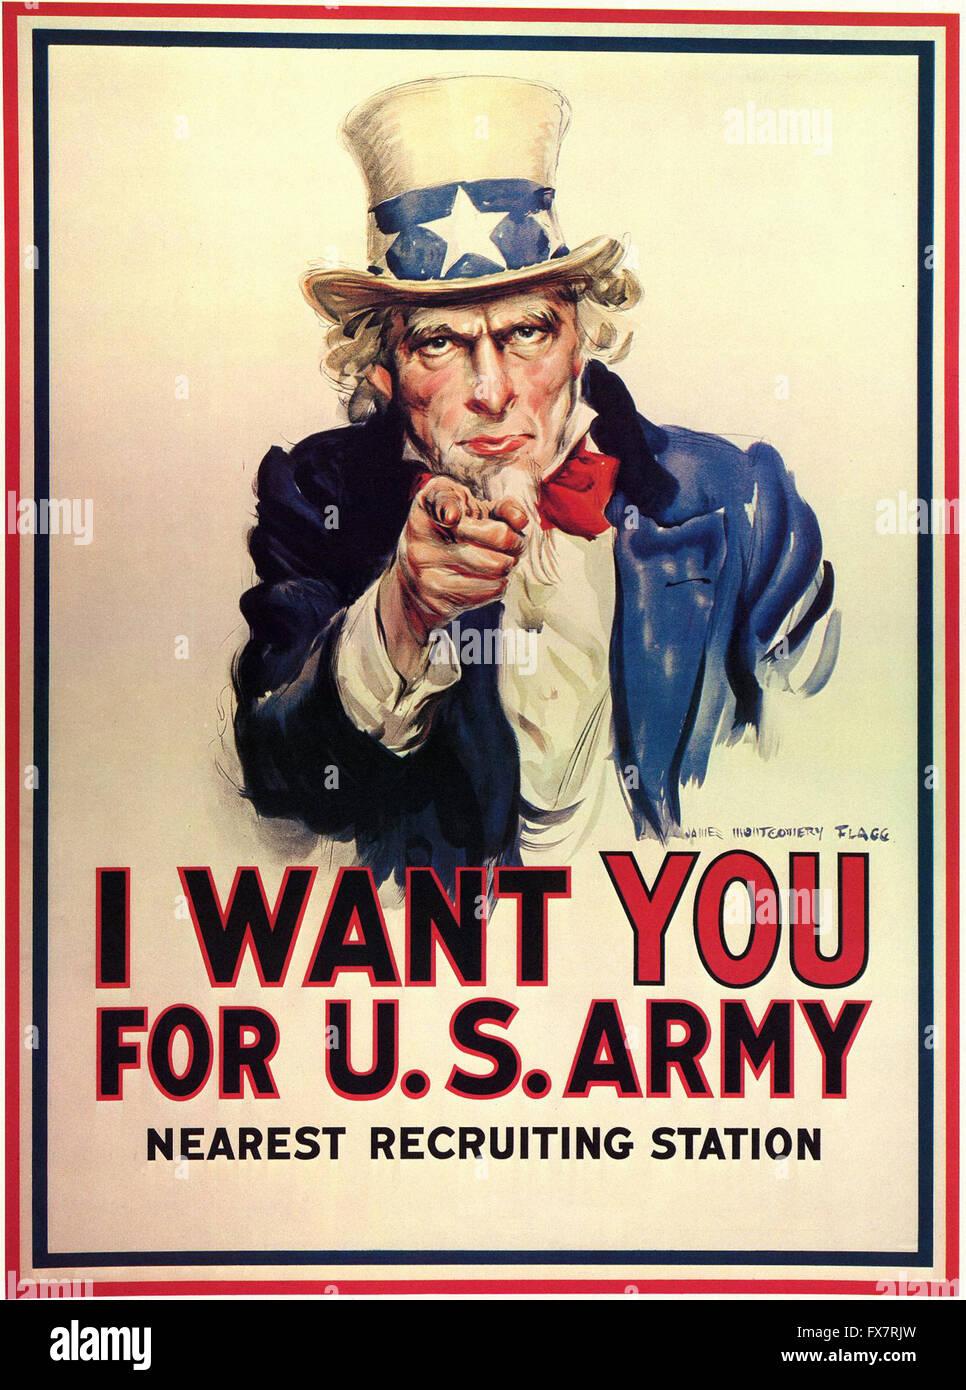 L'Oncle Sam - je veux que vous pour l'armée américaine - La Seconde Guerre mondiale affiche de Photo Stock